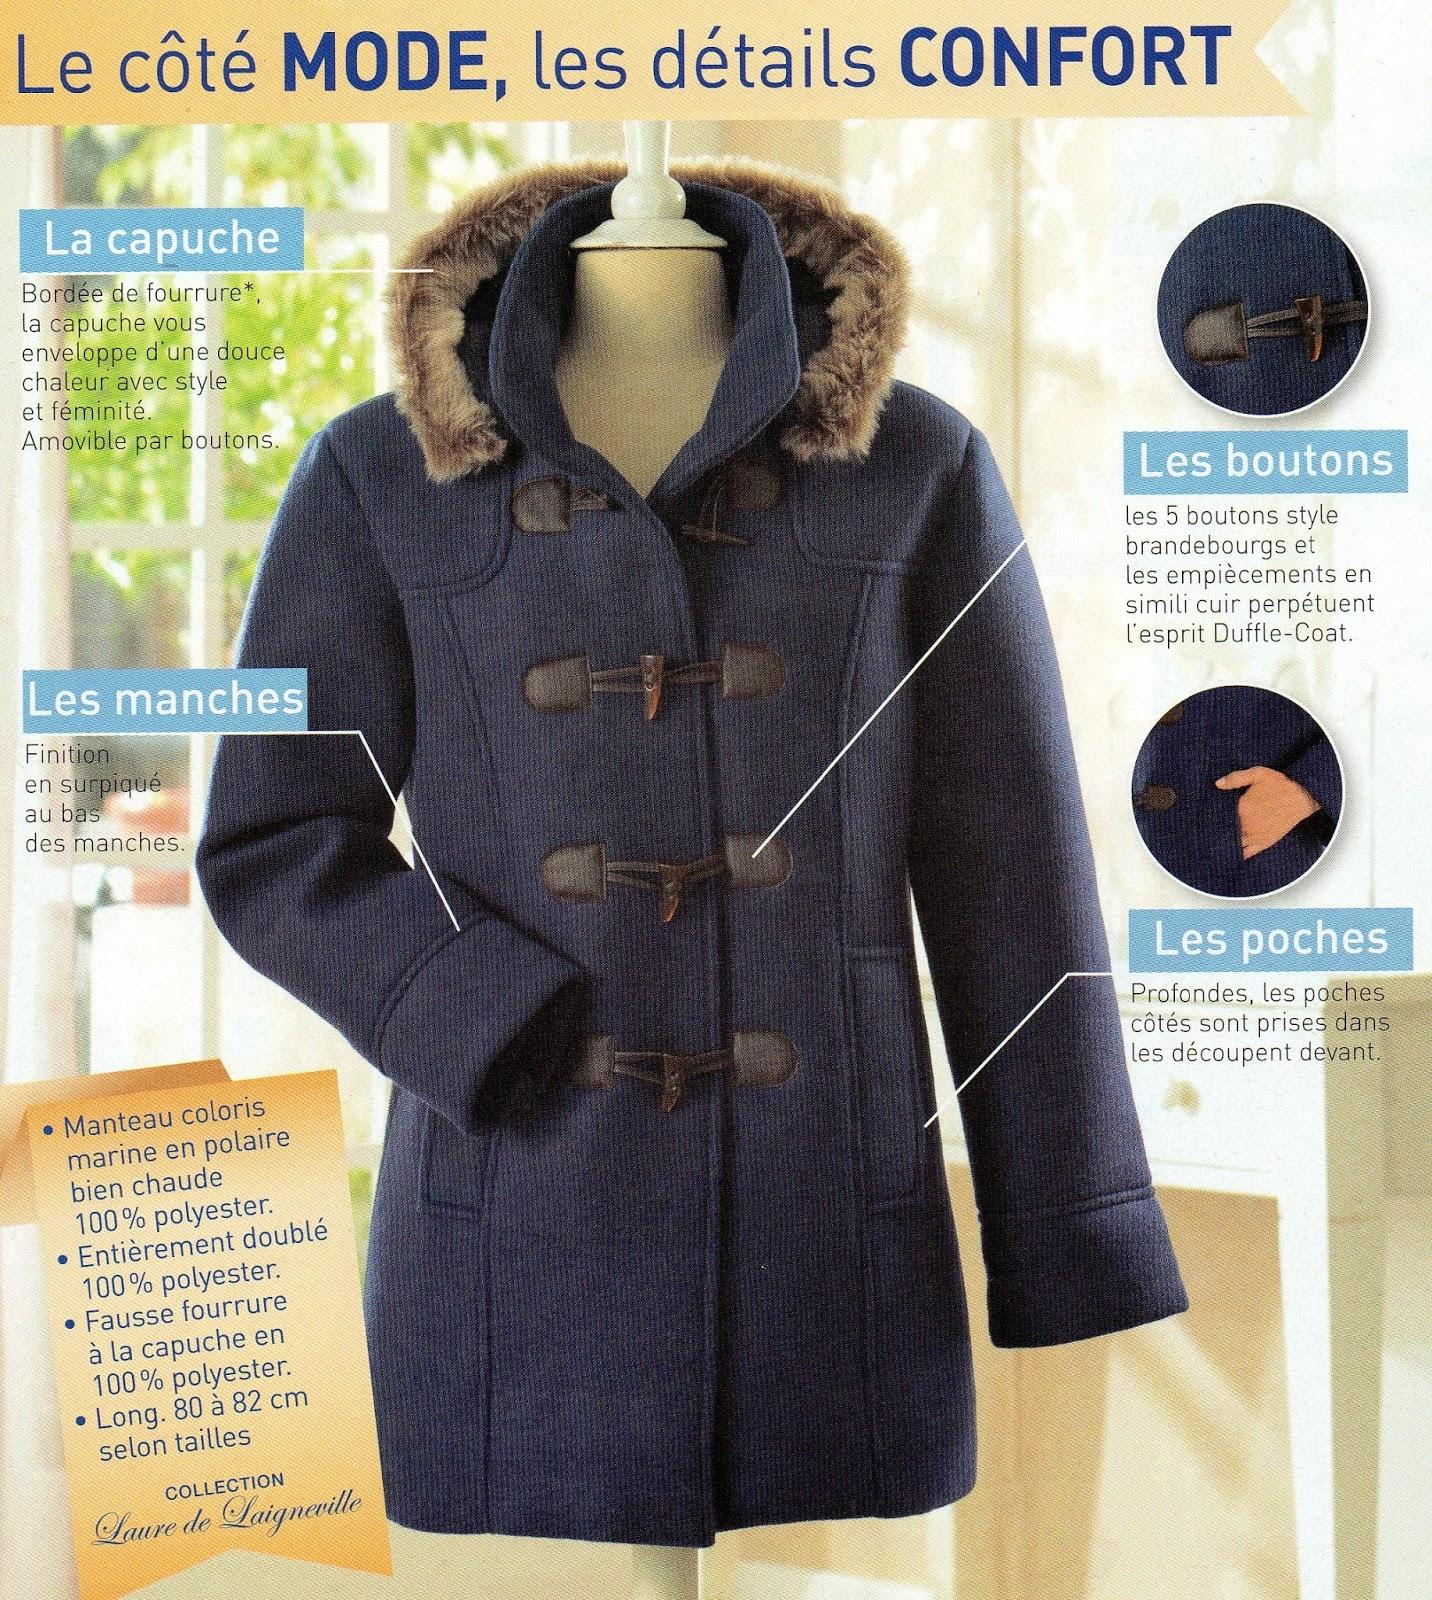 Les bonnes affaires de lacuna un manteau style duffle coat en cadeau et frais de port gratuit - Photobox frais de port gratuit ...